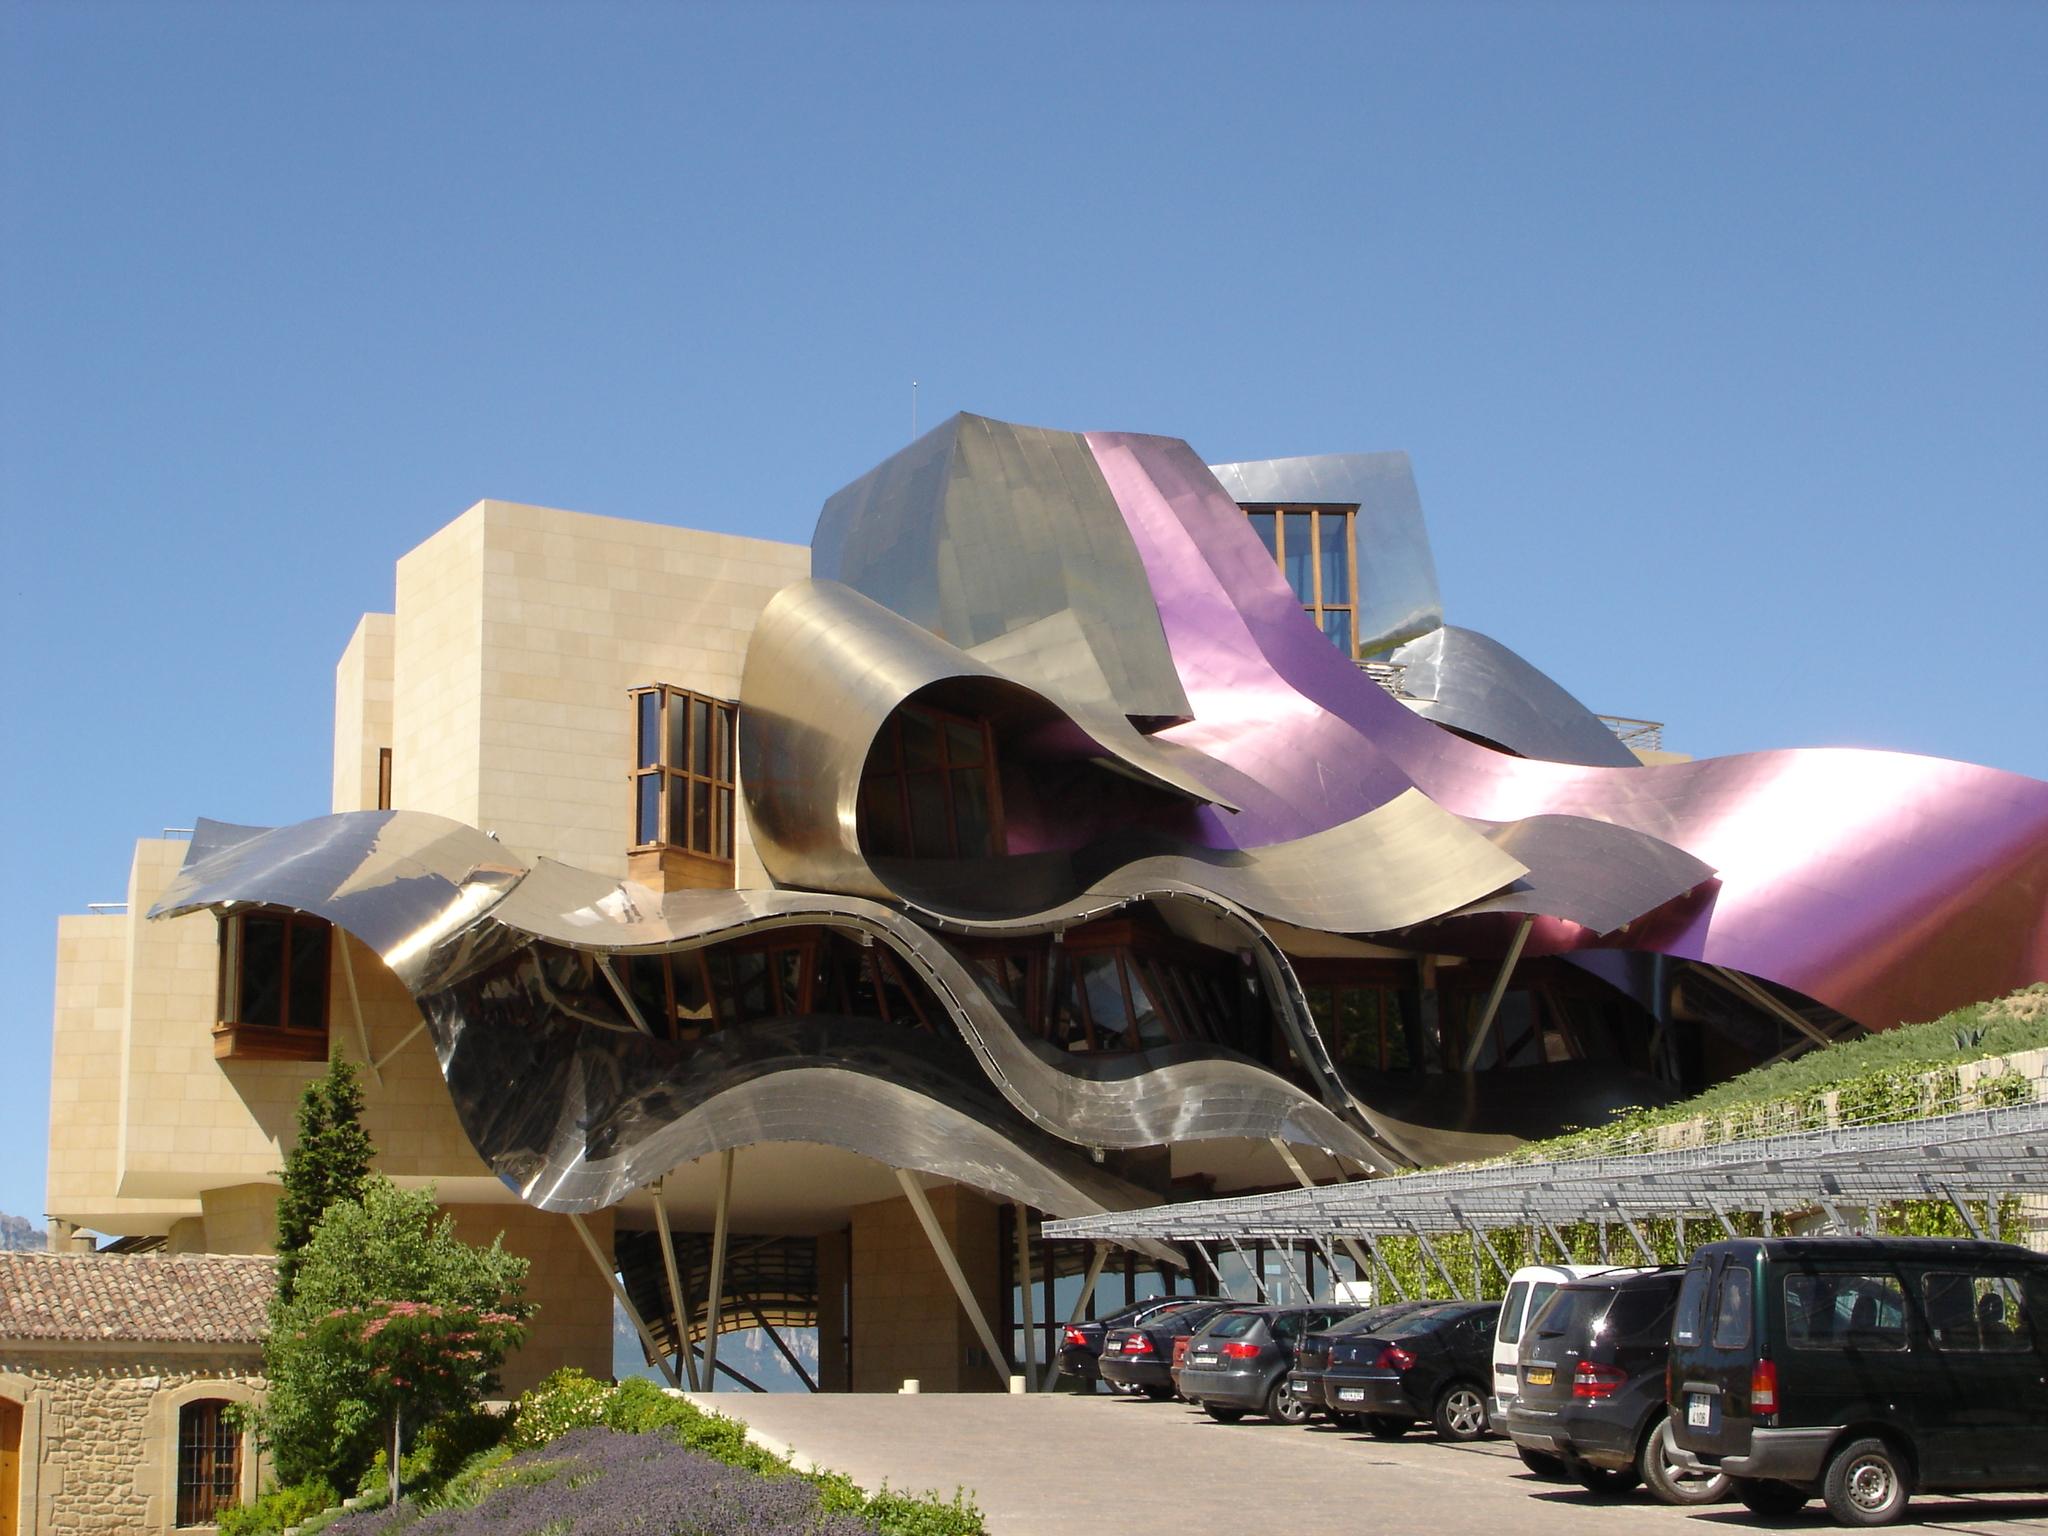 In spagna l 39 hotel marqu s de riscal celebra il vino tra for Marquis de riscal